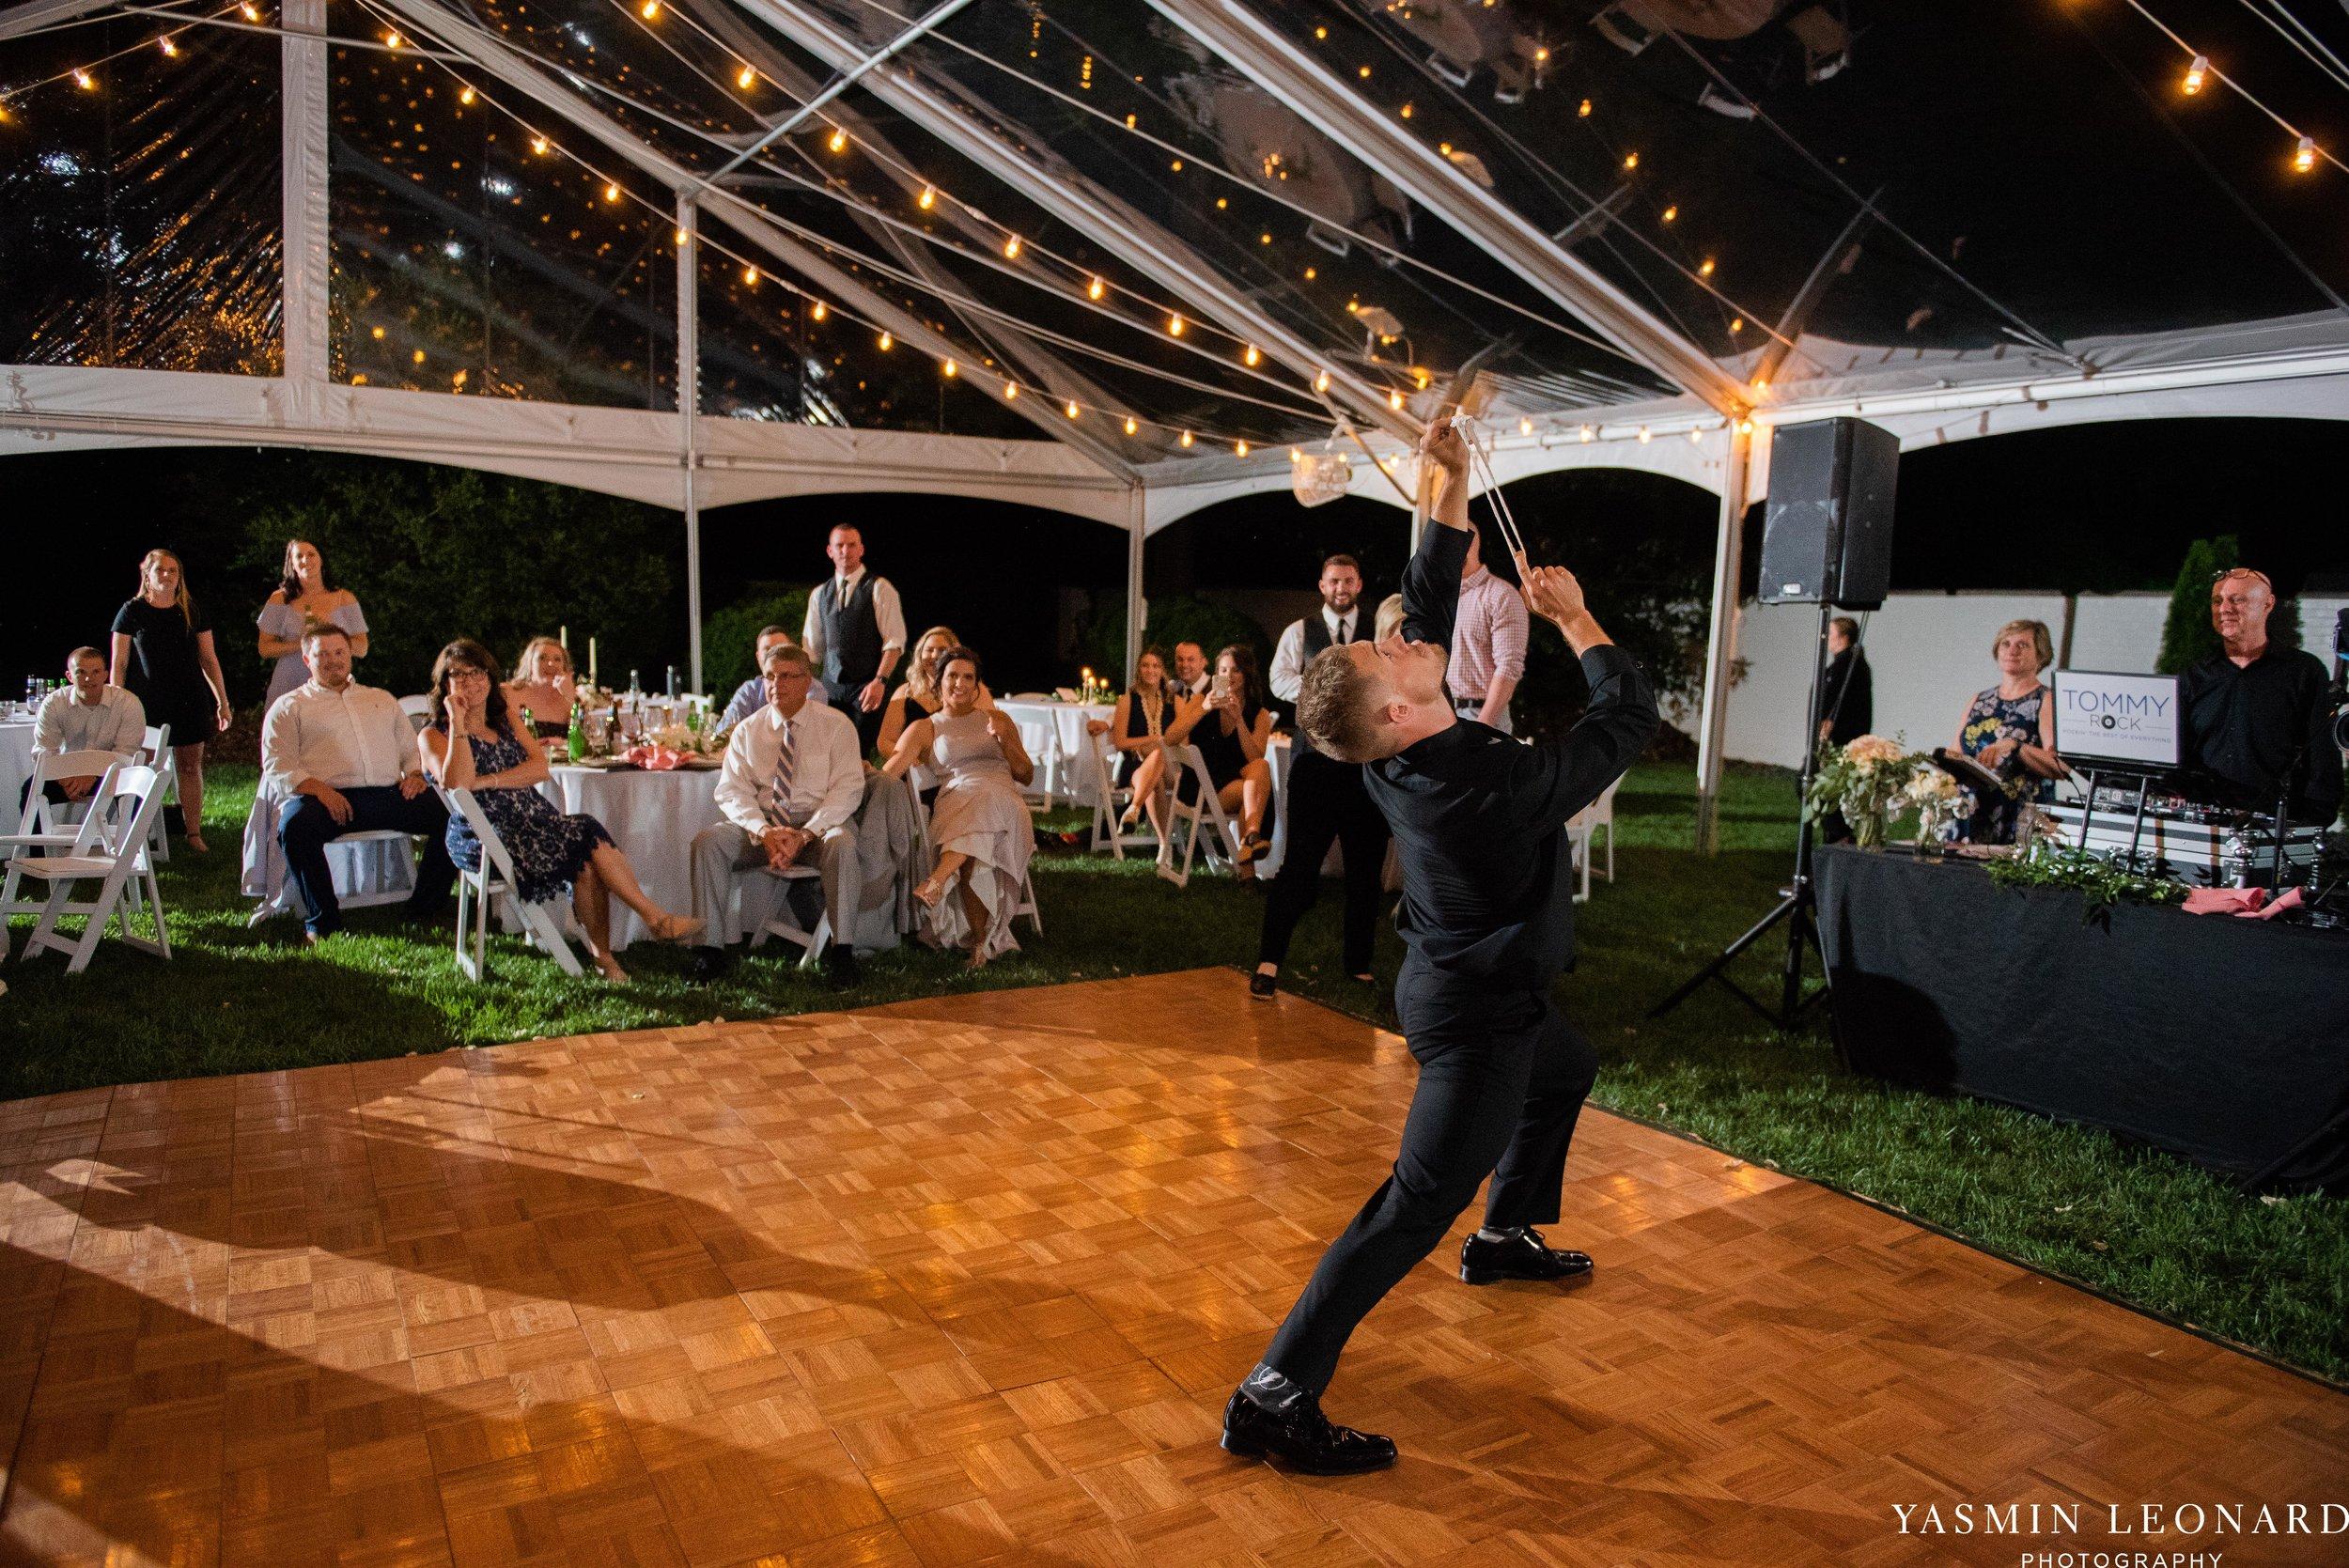 Boxwood Estate - Boxwood Estate Wedding - Luxury Wedding - Black and White Wedding - NC Wedding Venues - NC Weddings - NC Photographer - Lantern Release Grand Exit - Large Wedding Party - Yasmin Leonard Photography-81.jpg